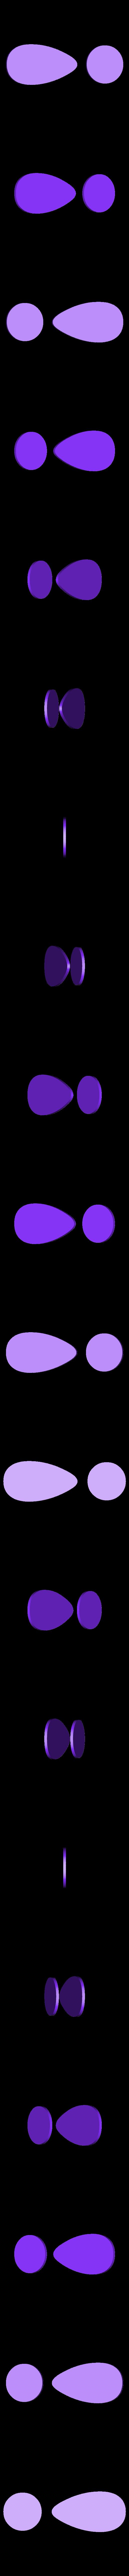 Exclamation Point Small.stl Télécharger fichier STL Autocollants de bonne fête • Modèle pour impression 3D, abbymath